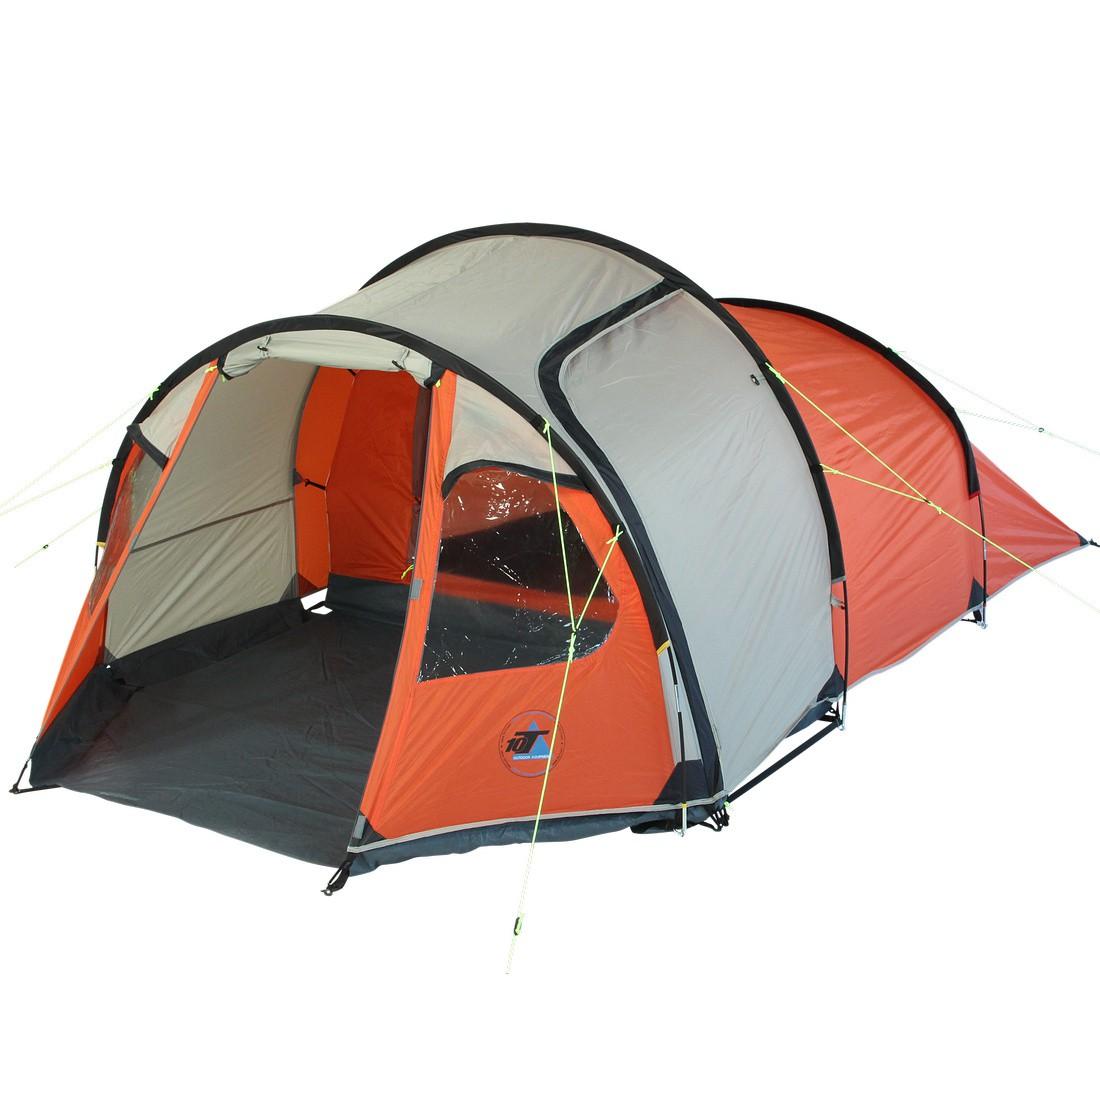 10T Outdoor Equipment - MANDIGA 3 (S&le name Bergamo 3) - Image 1  sc 1 st  C&ing-Outdoor.eu & Buy 10T Mandiga 3 - 3-person tunnel tent with vestibule 2 ...